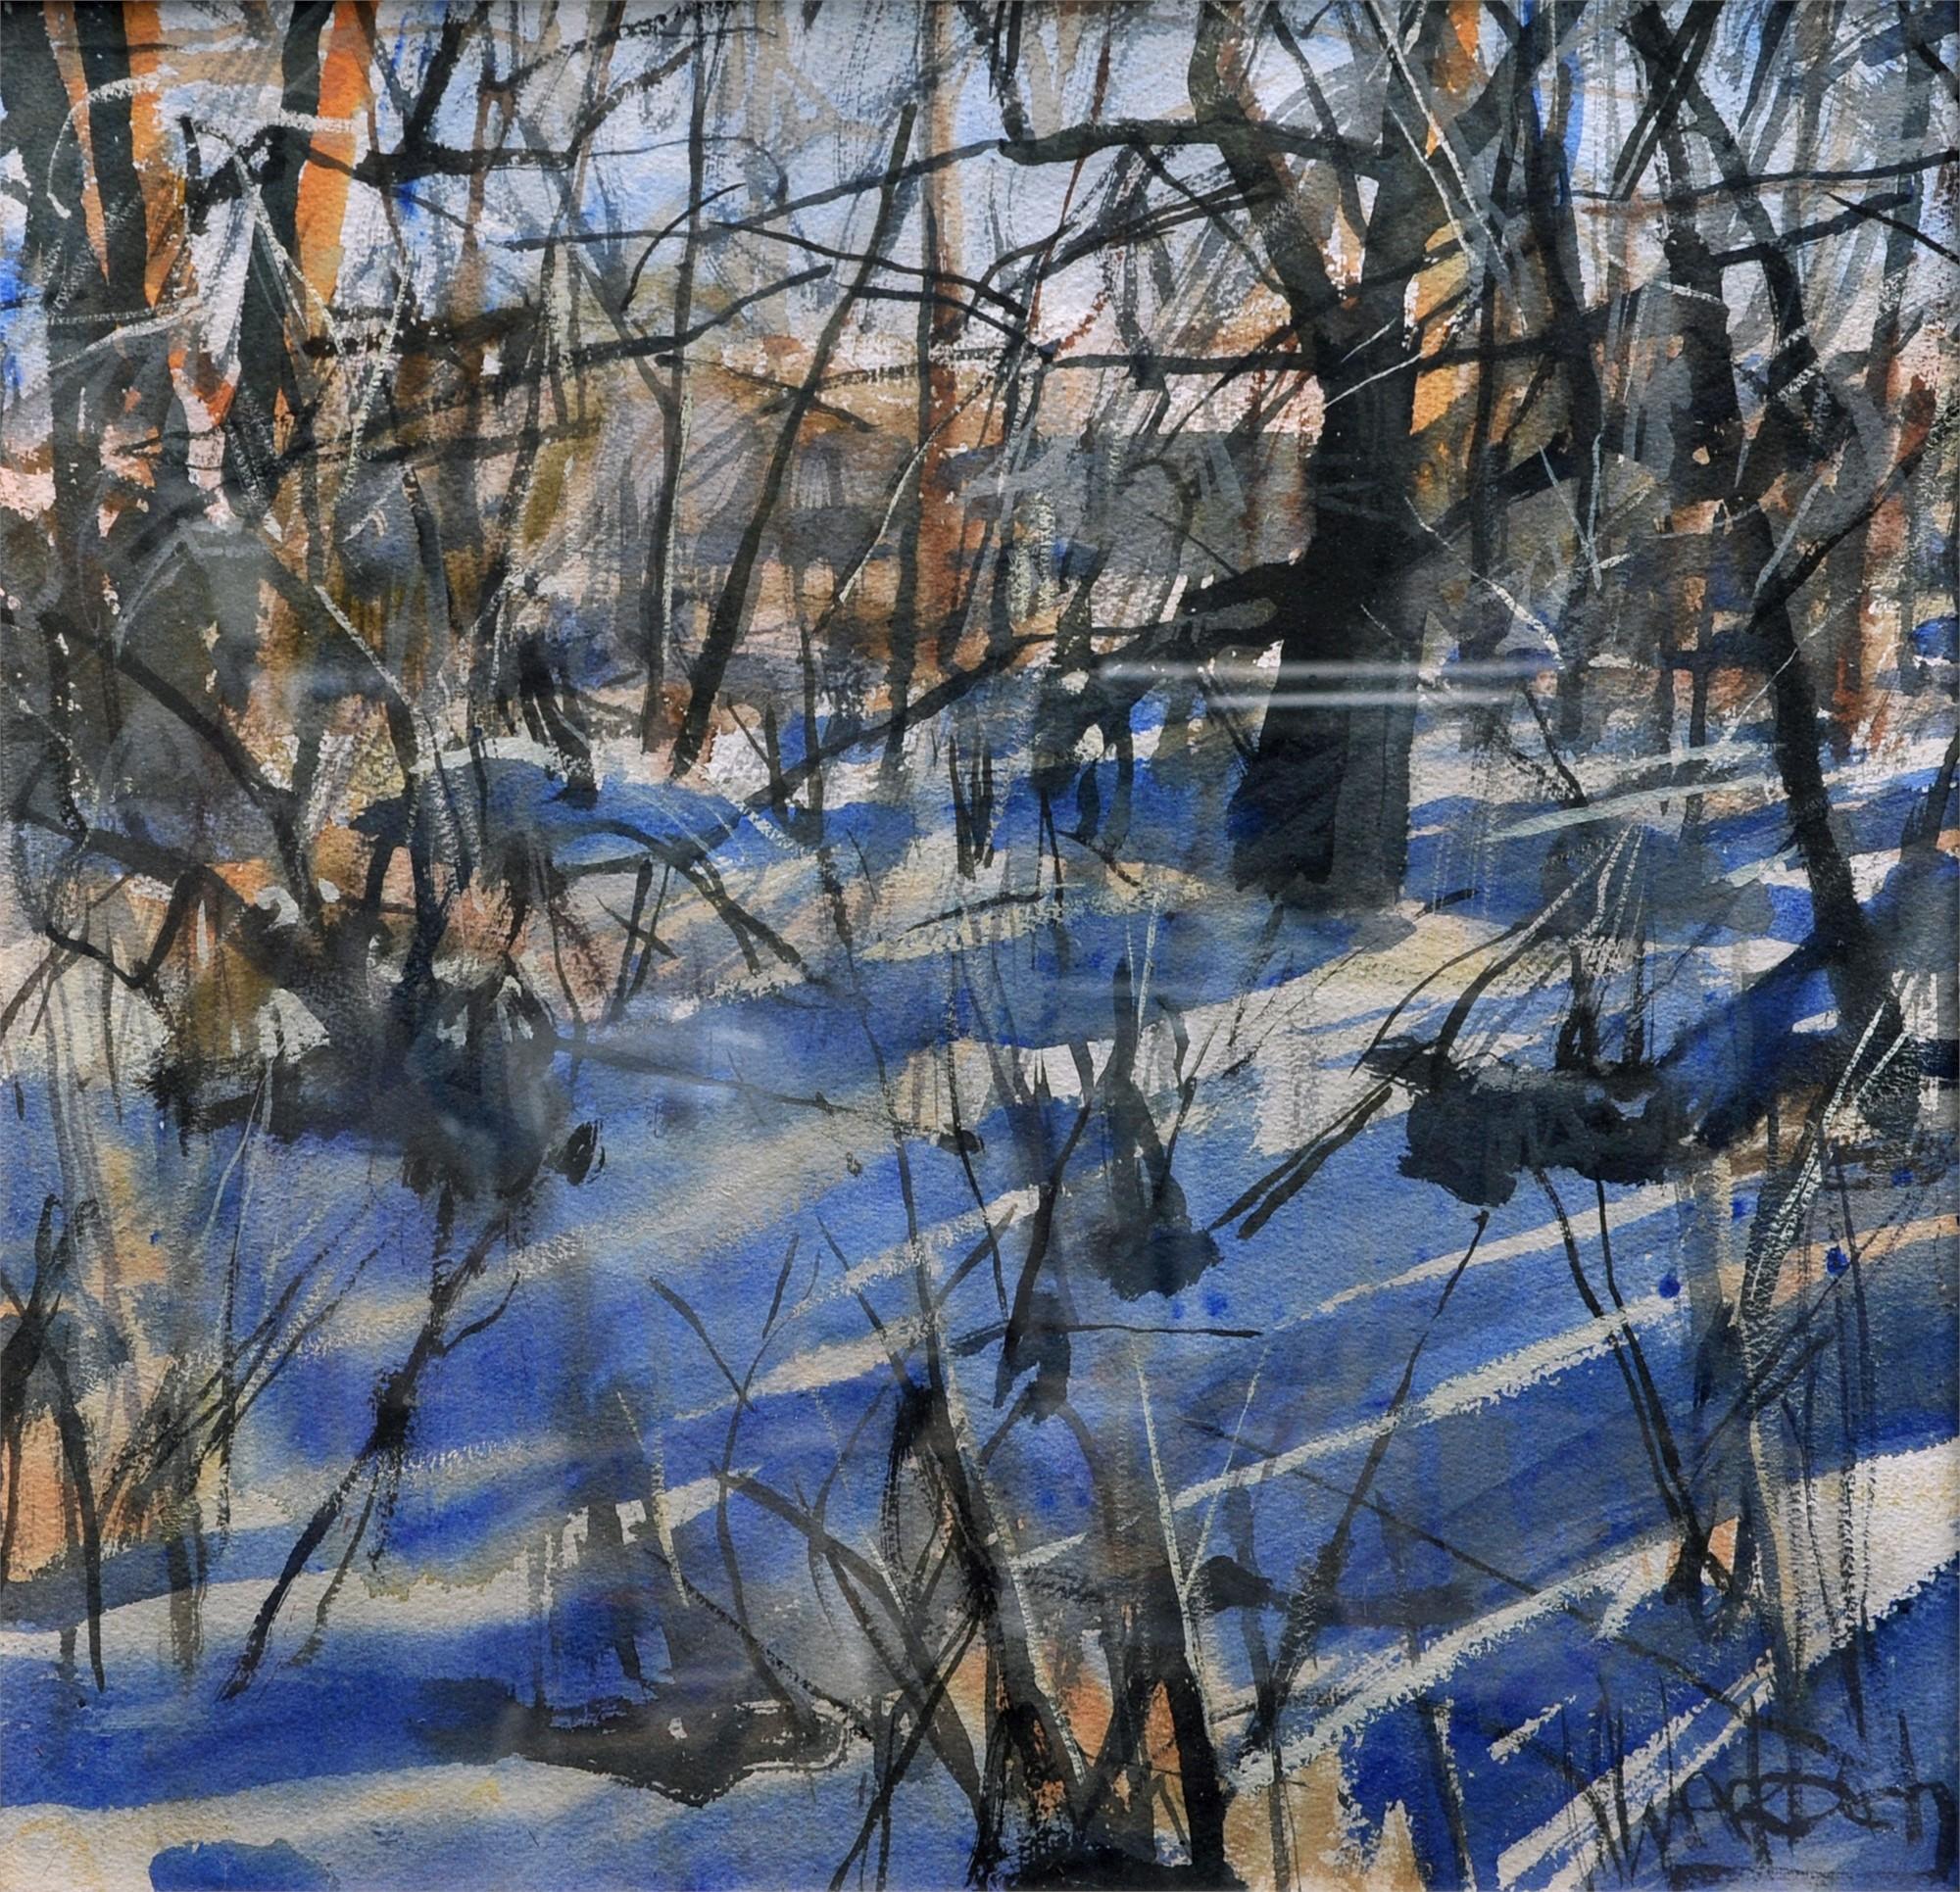 Blue Shadows by Kevin Weckbach